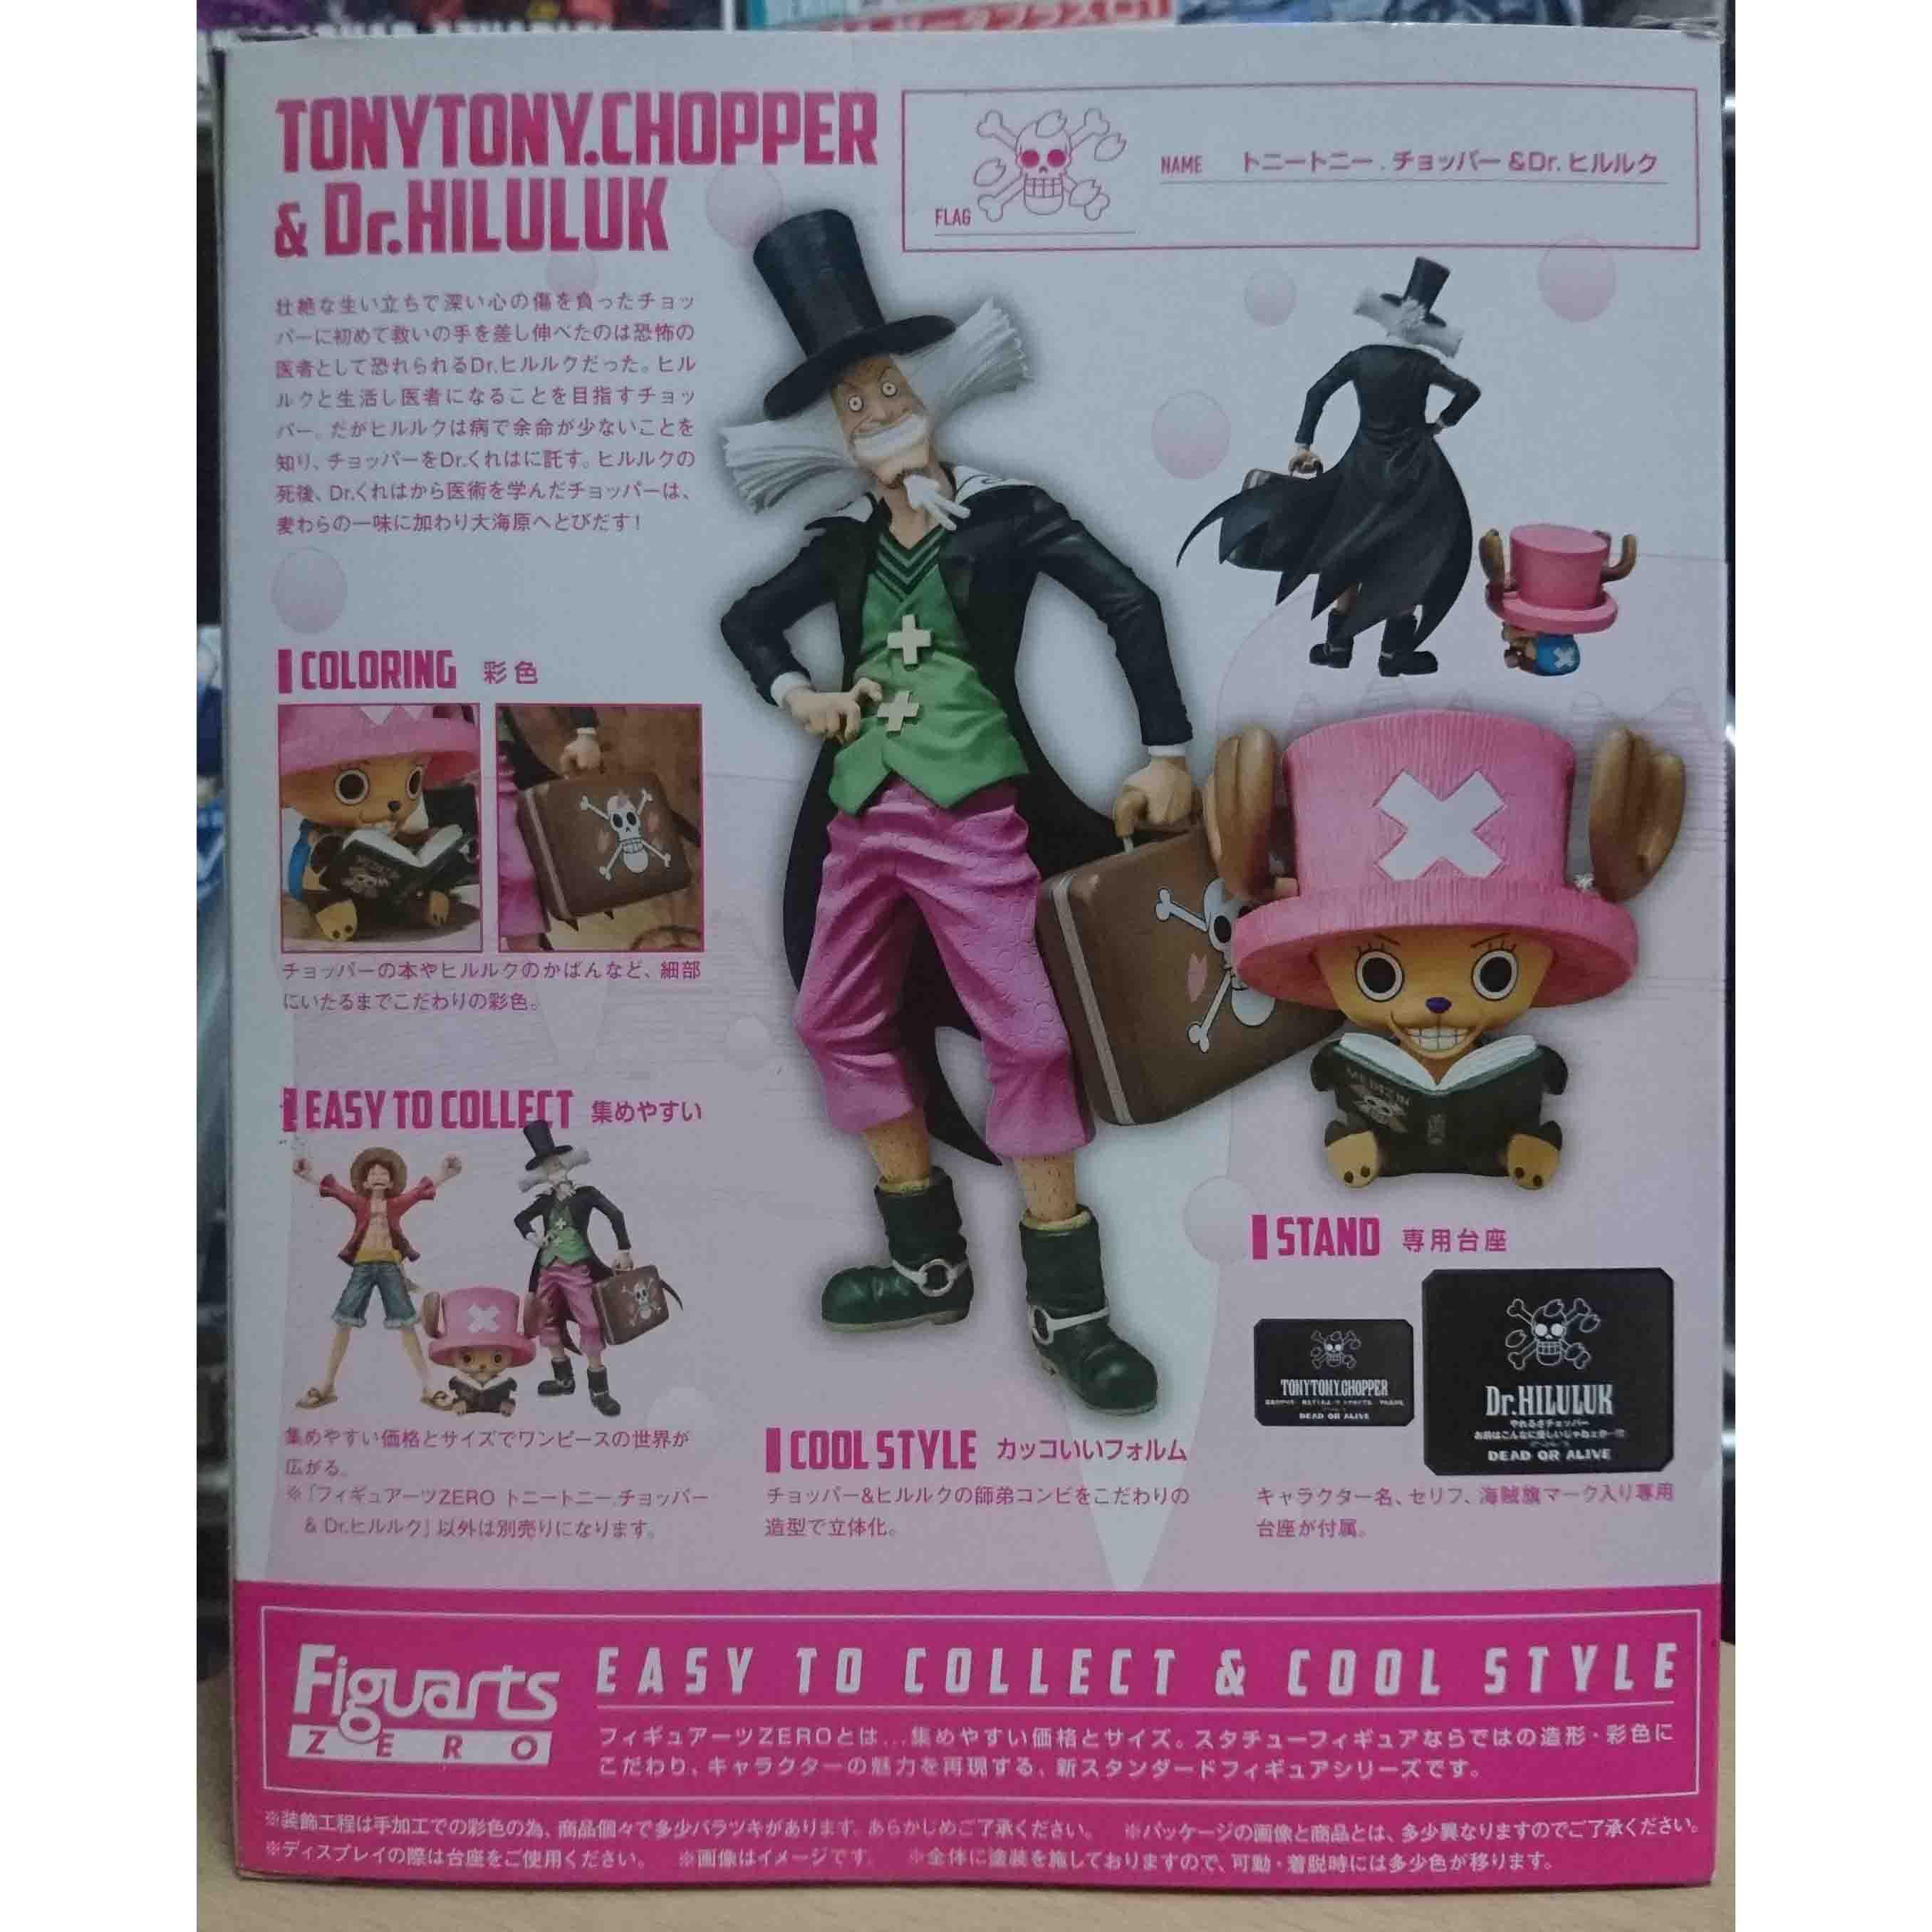 Figuarts Zero 海賊王 喬巴&Dr.西爾爾克,益祥模型玩具外盒實拍照片。